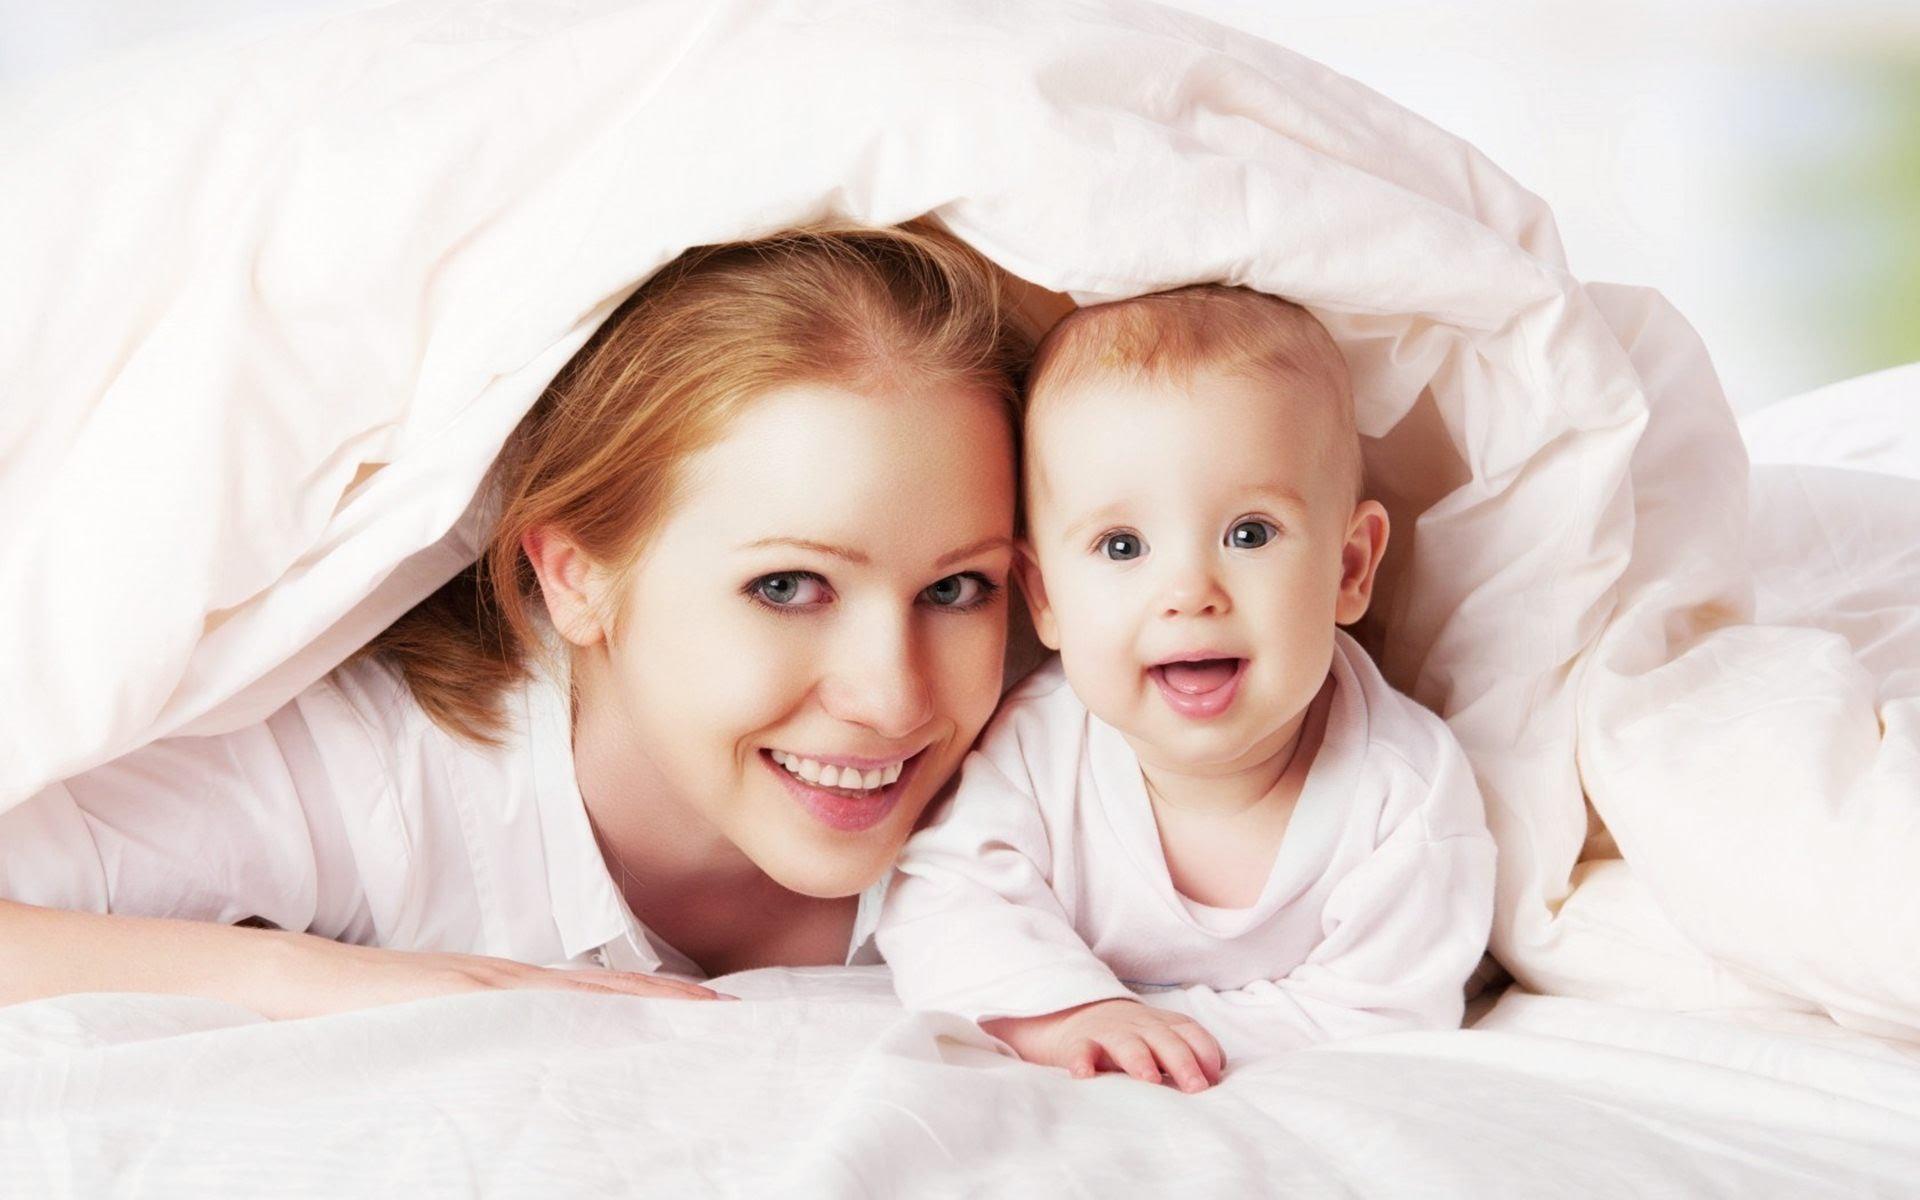 Plástica pós-parto: quais são os procedimentos mais comuns?